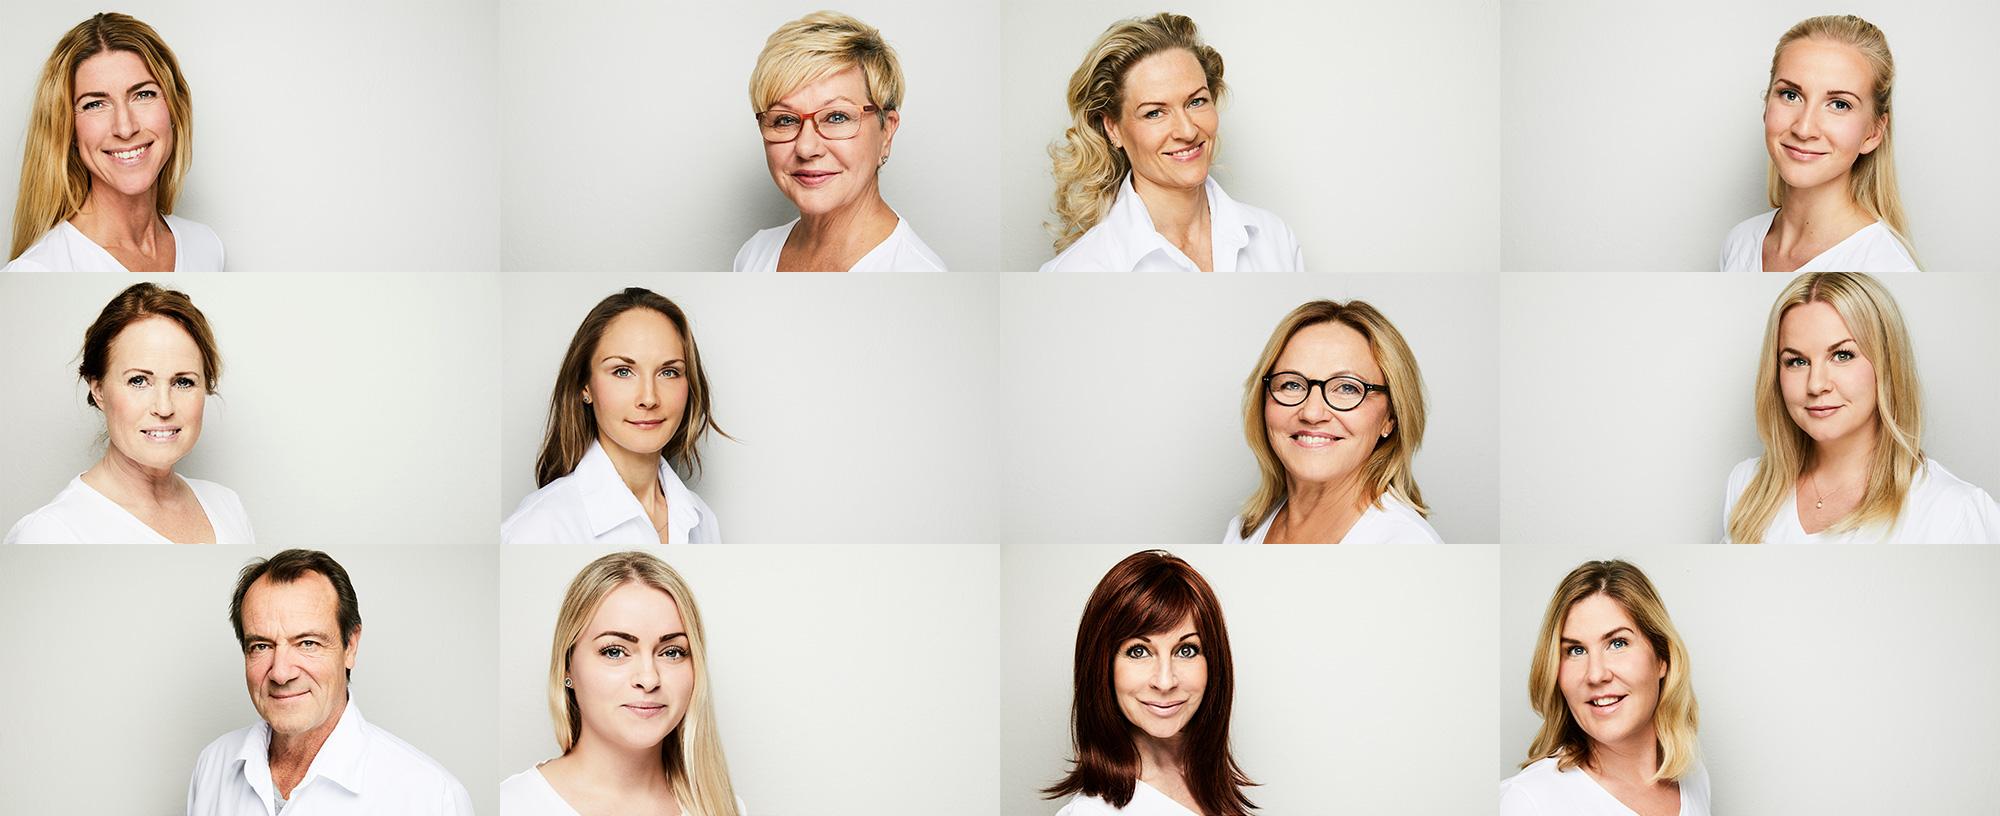 Eriksbergskliniken personal